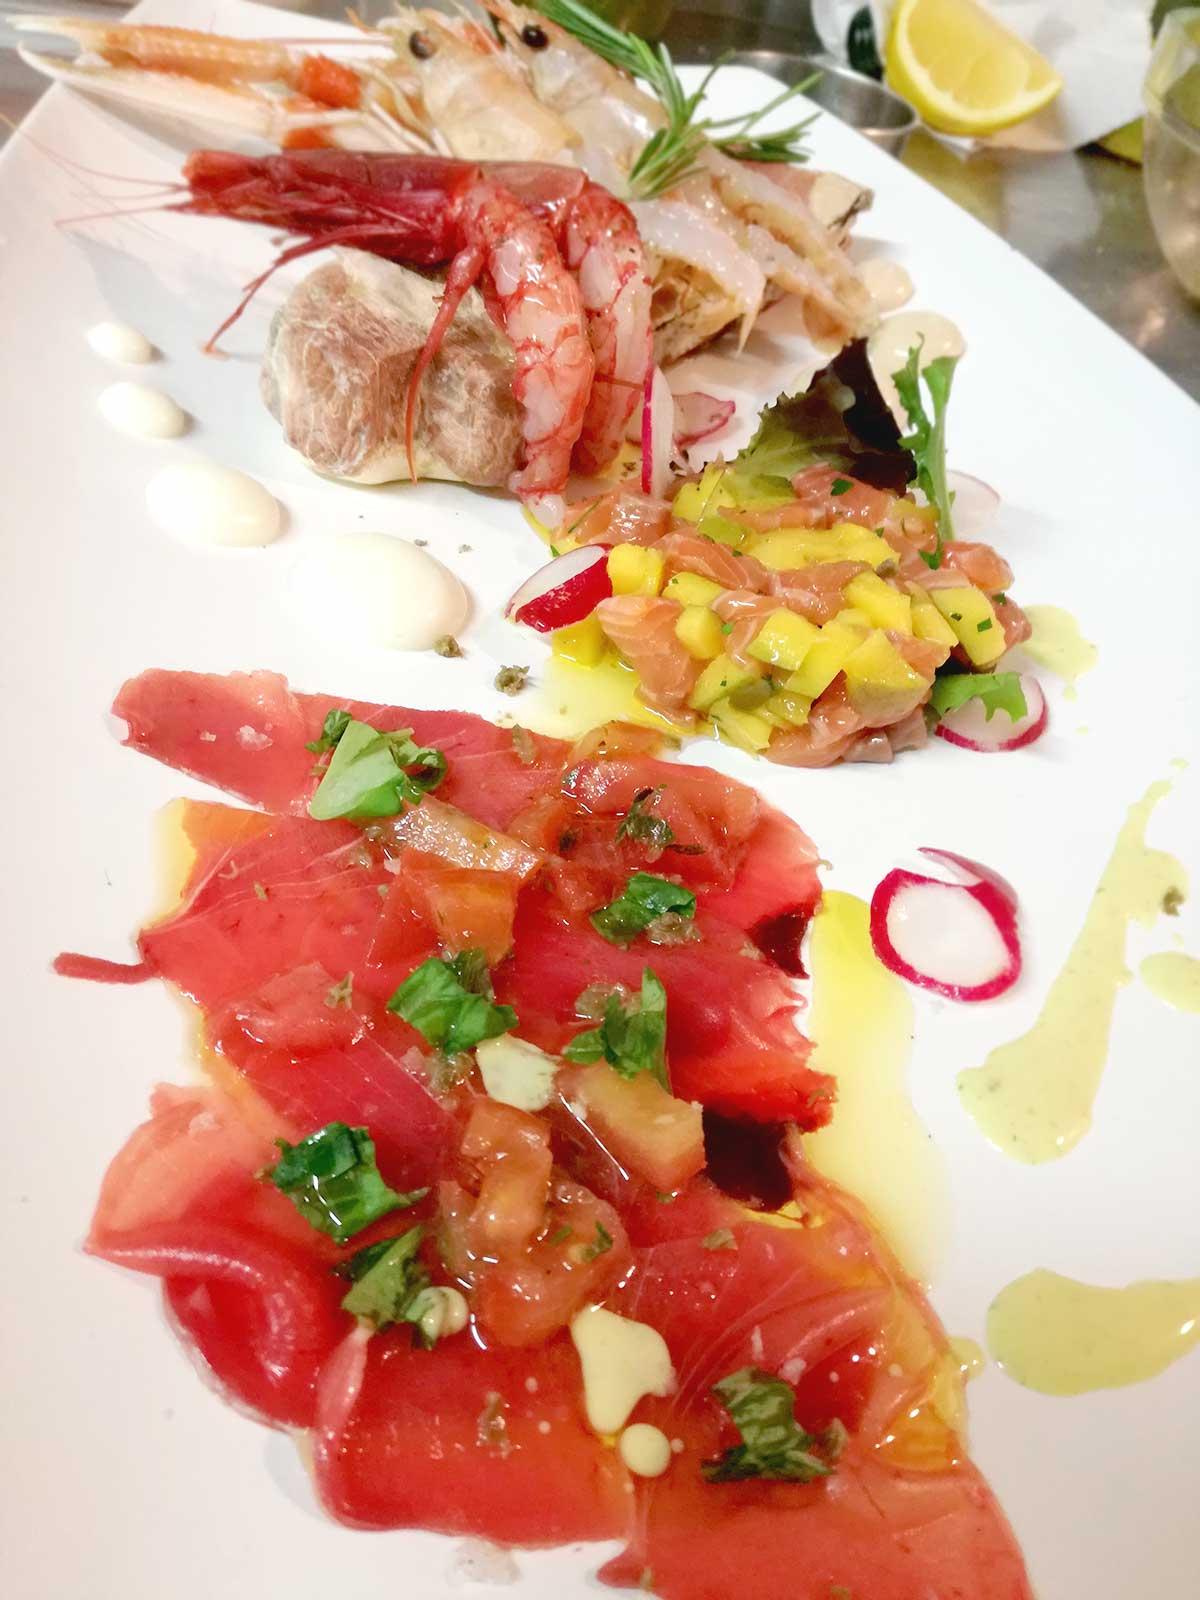 Equo Risto - Ristorazione Sostenibile - crudi con pescato locale e verdura di stagione